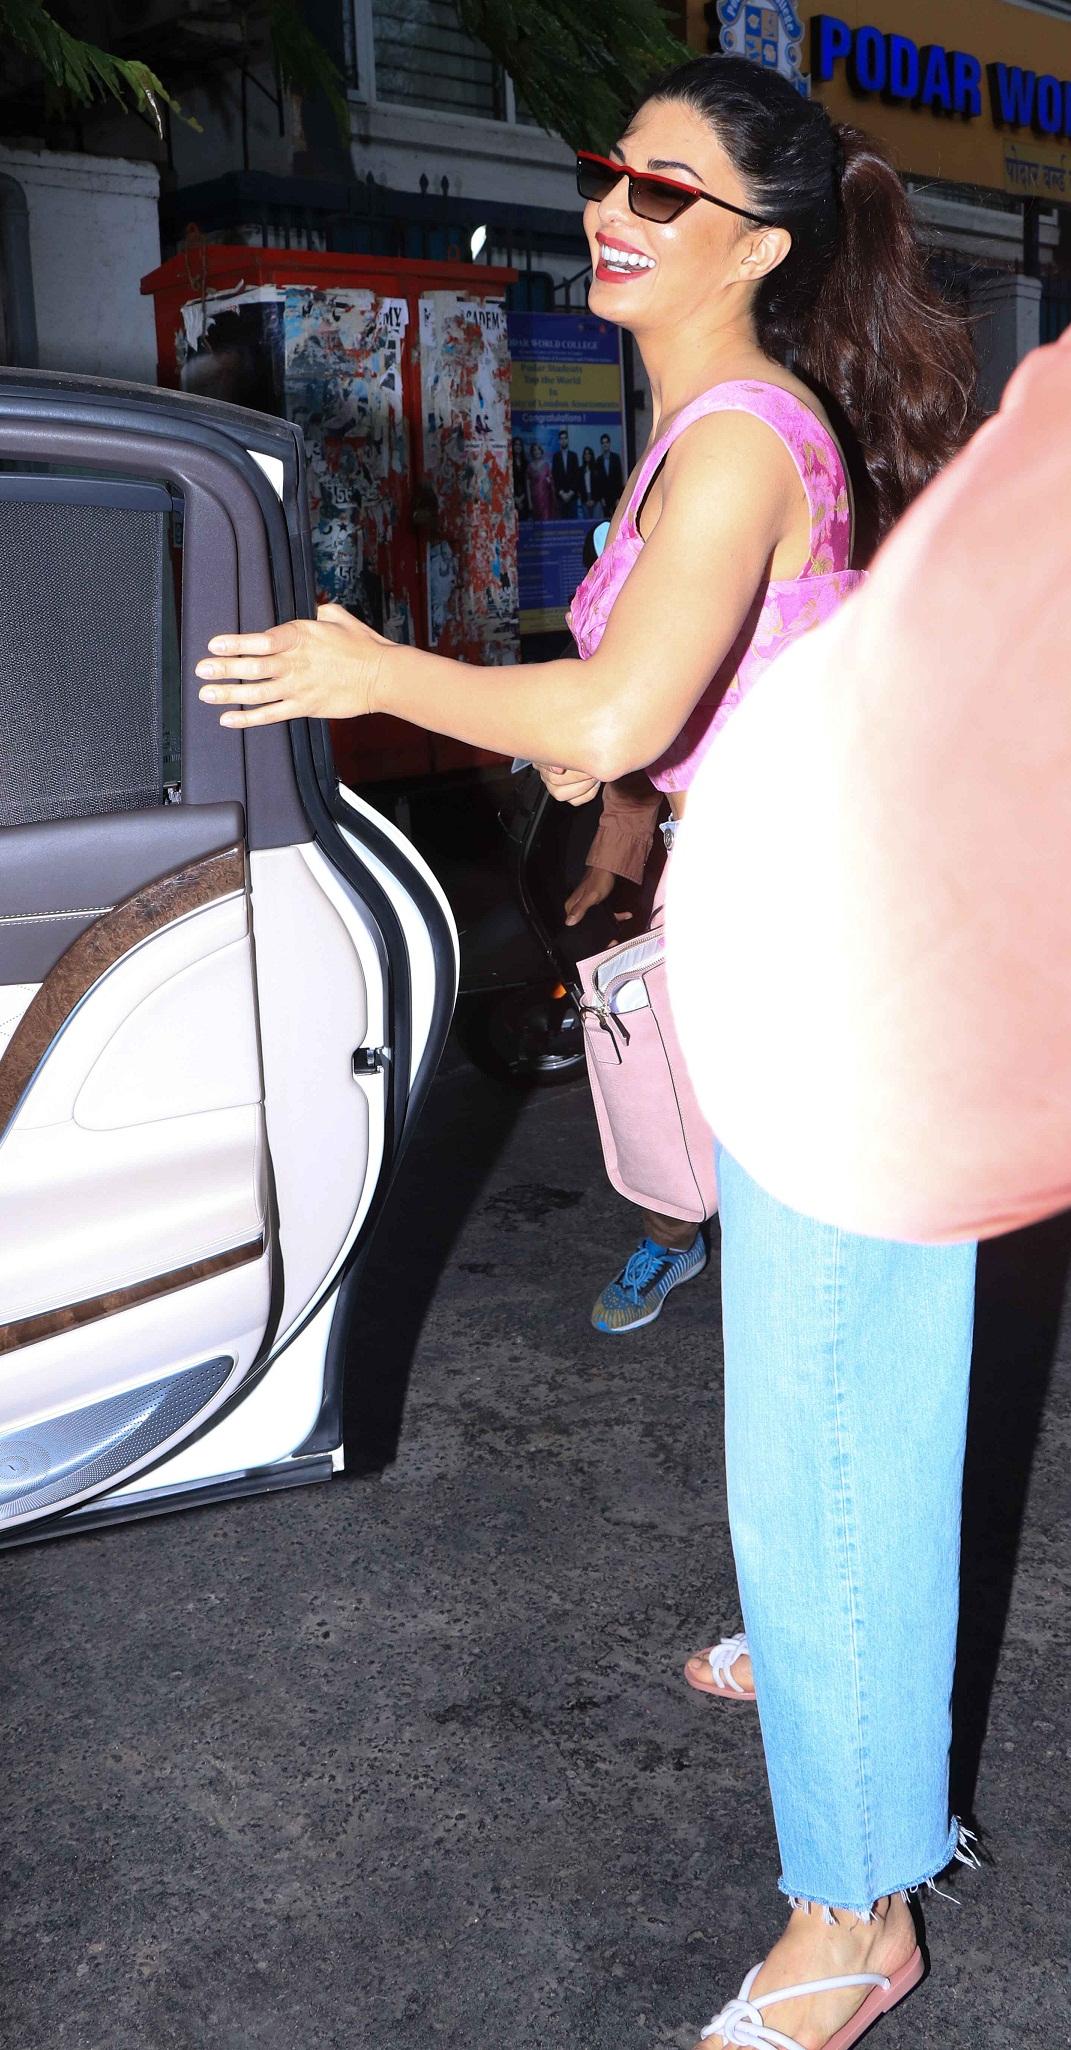 Bollywood Tadka, जैकलीन फर्नांडिस फोटो, जैकलीन फर्नांडिस इमेज, जैकलीन फर्नांडिस पिक्चर